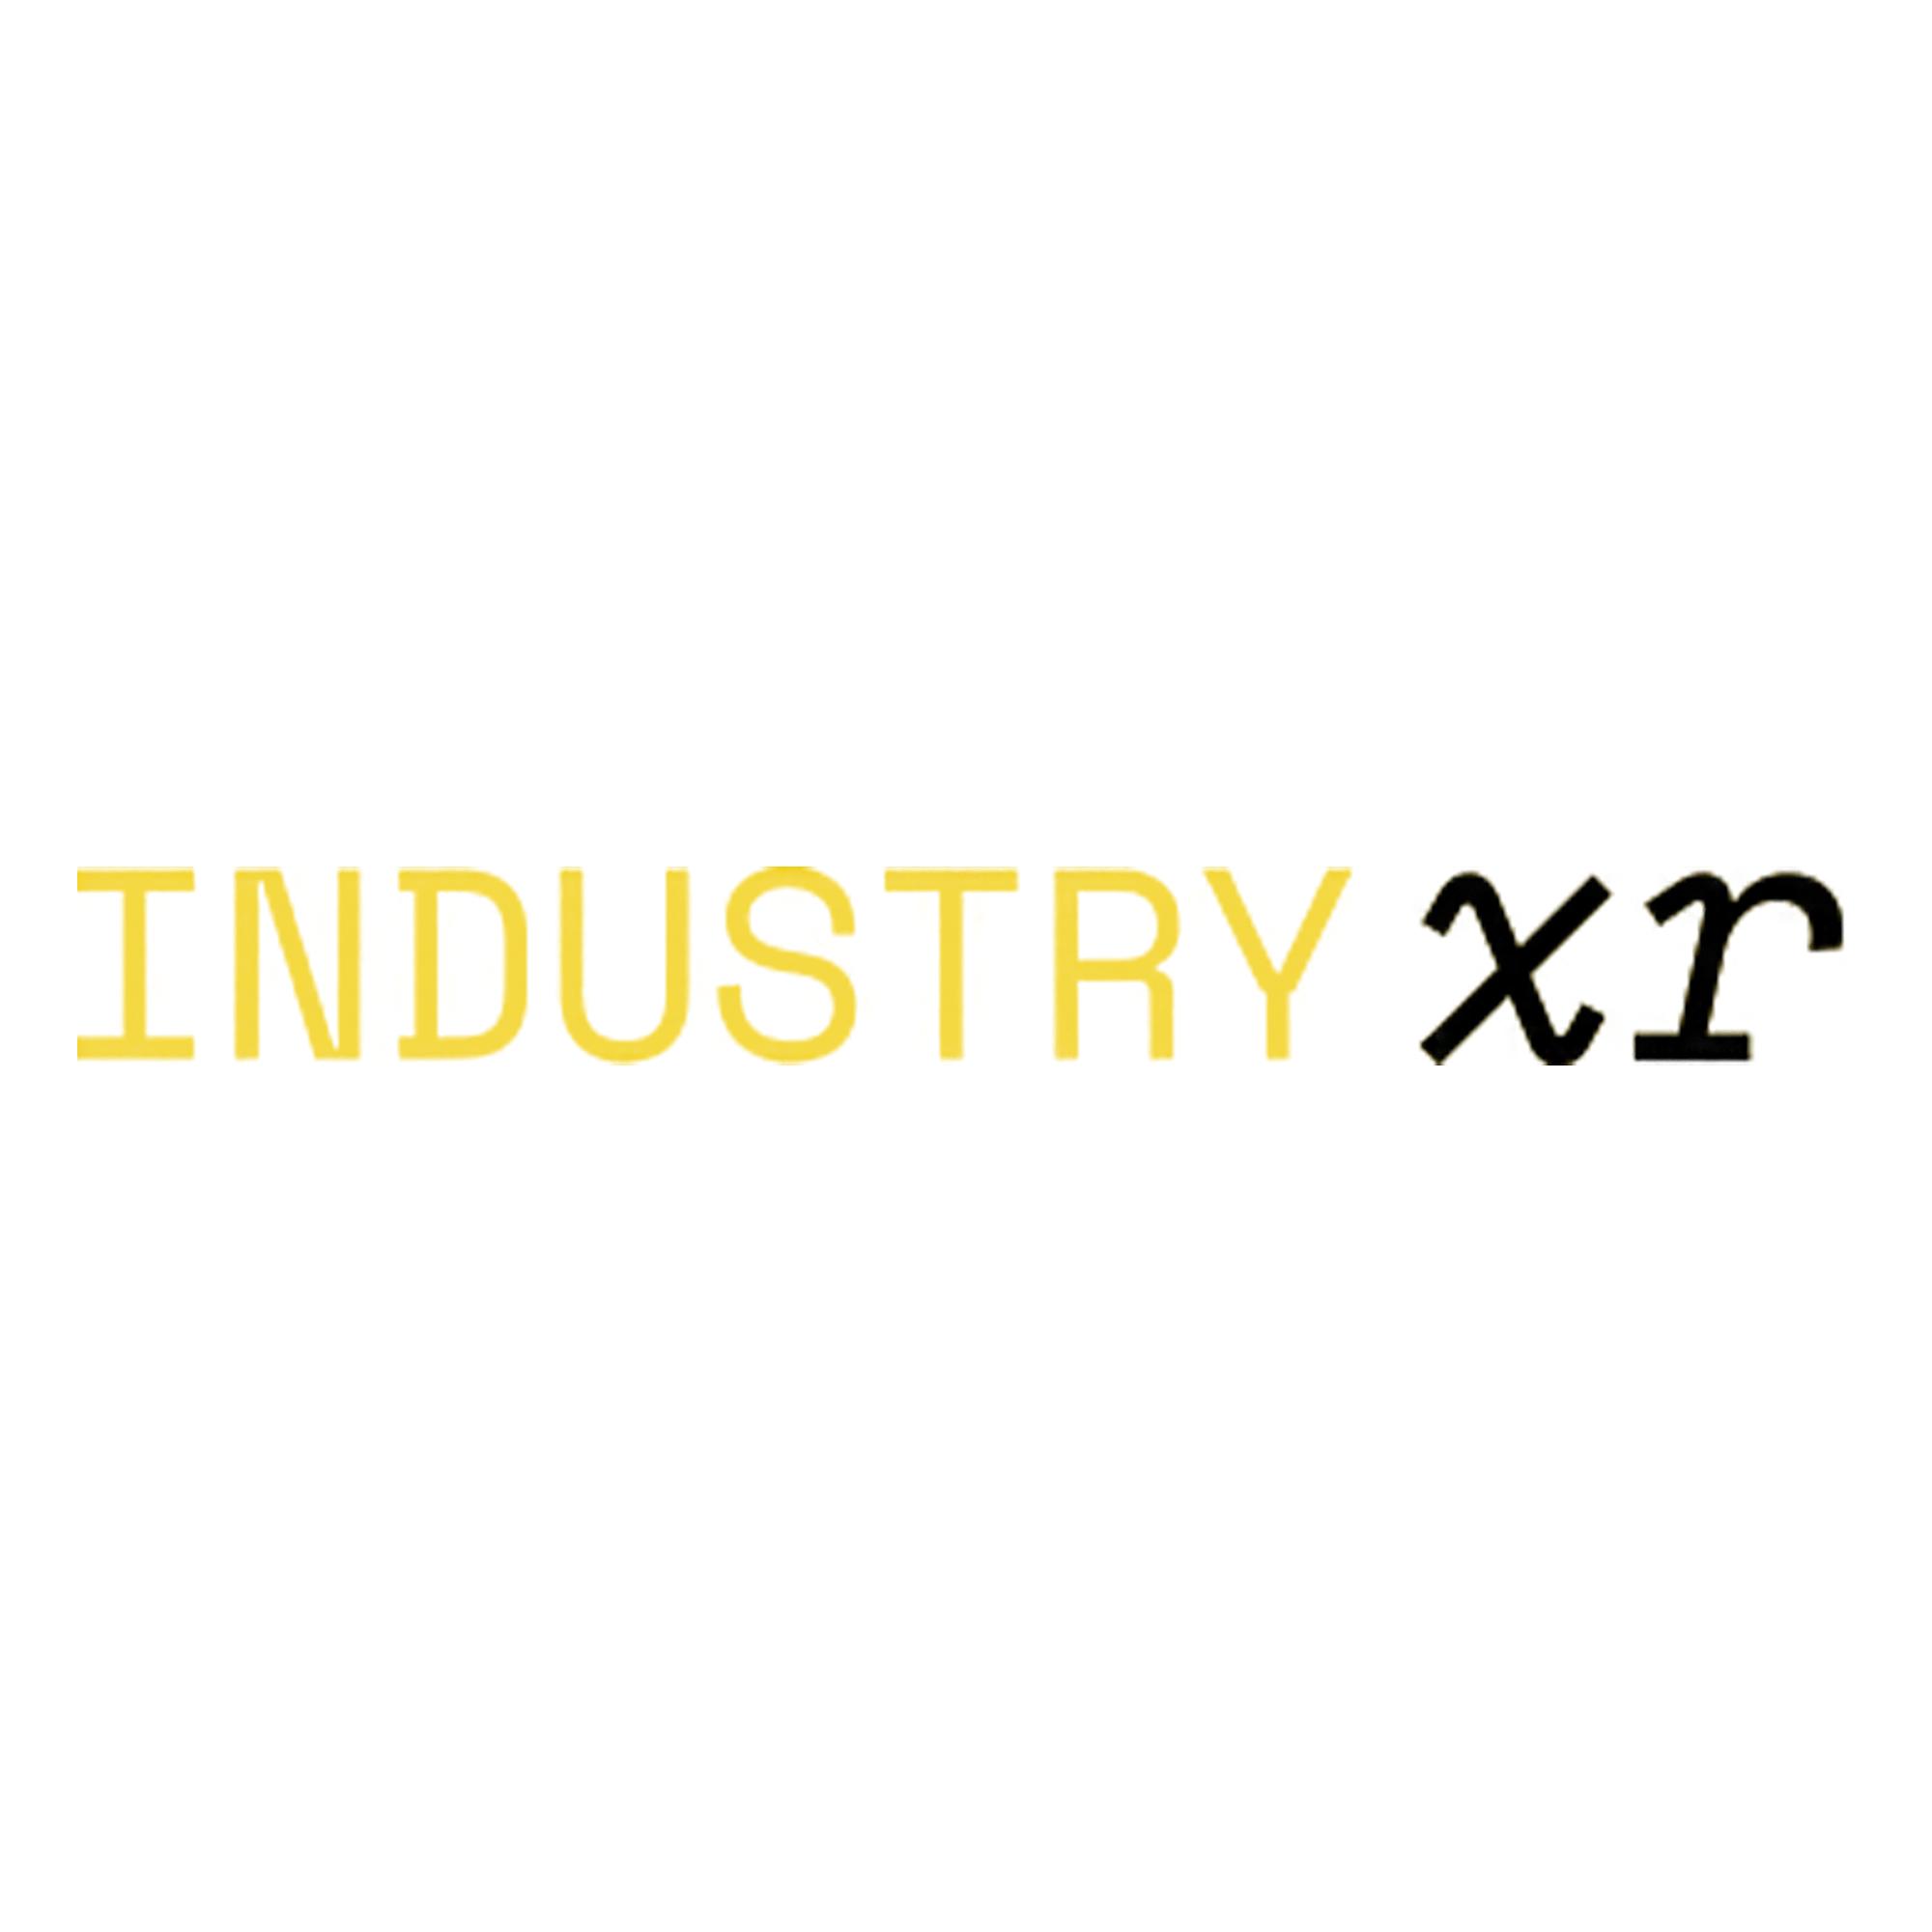 Industry XR